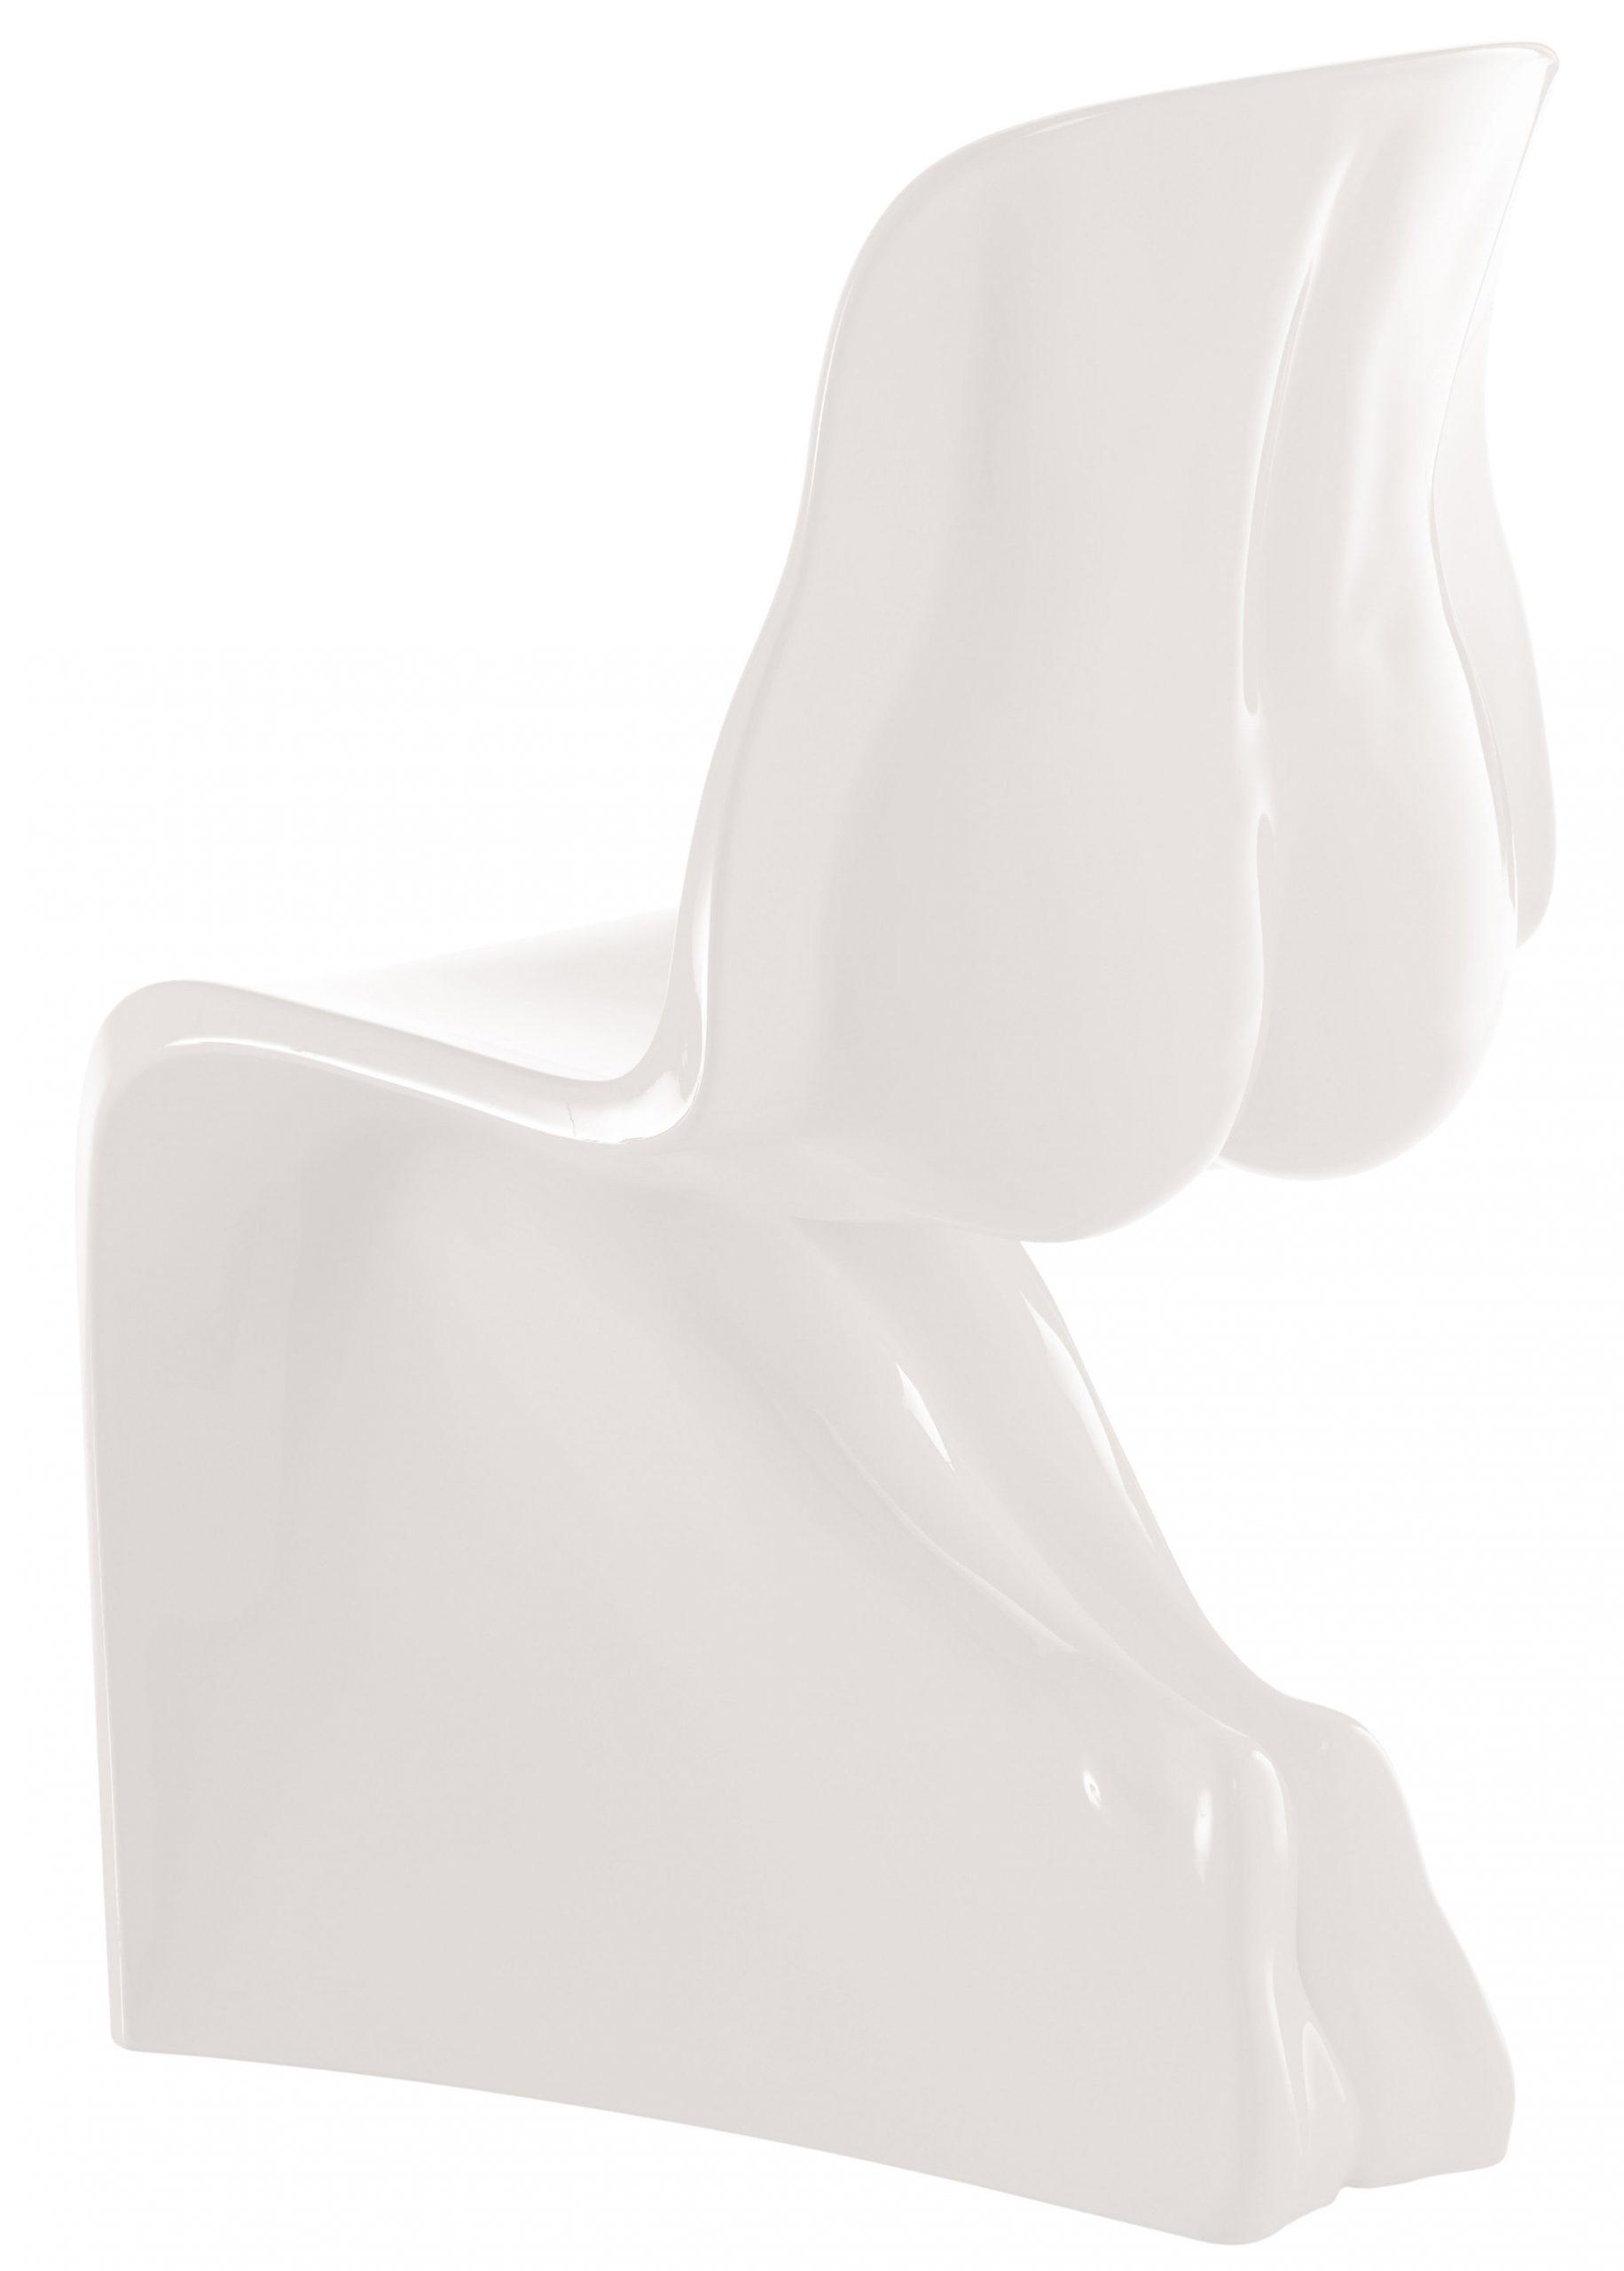 Su silla - versión lacada en blanco Casamania Fabio Novembre